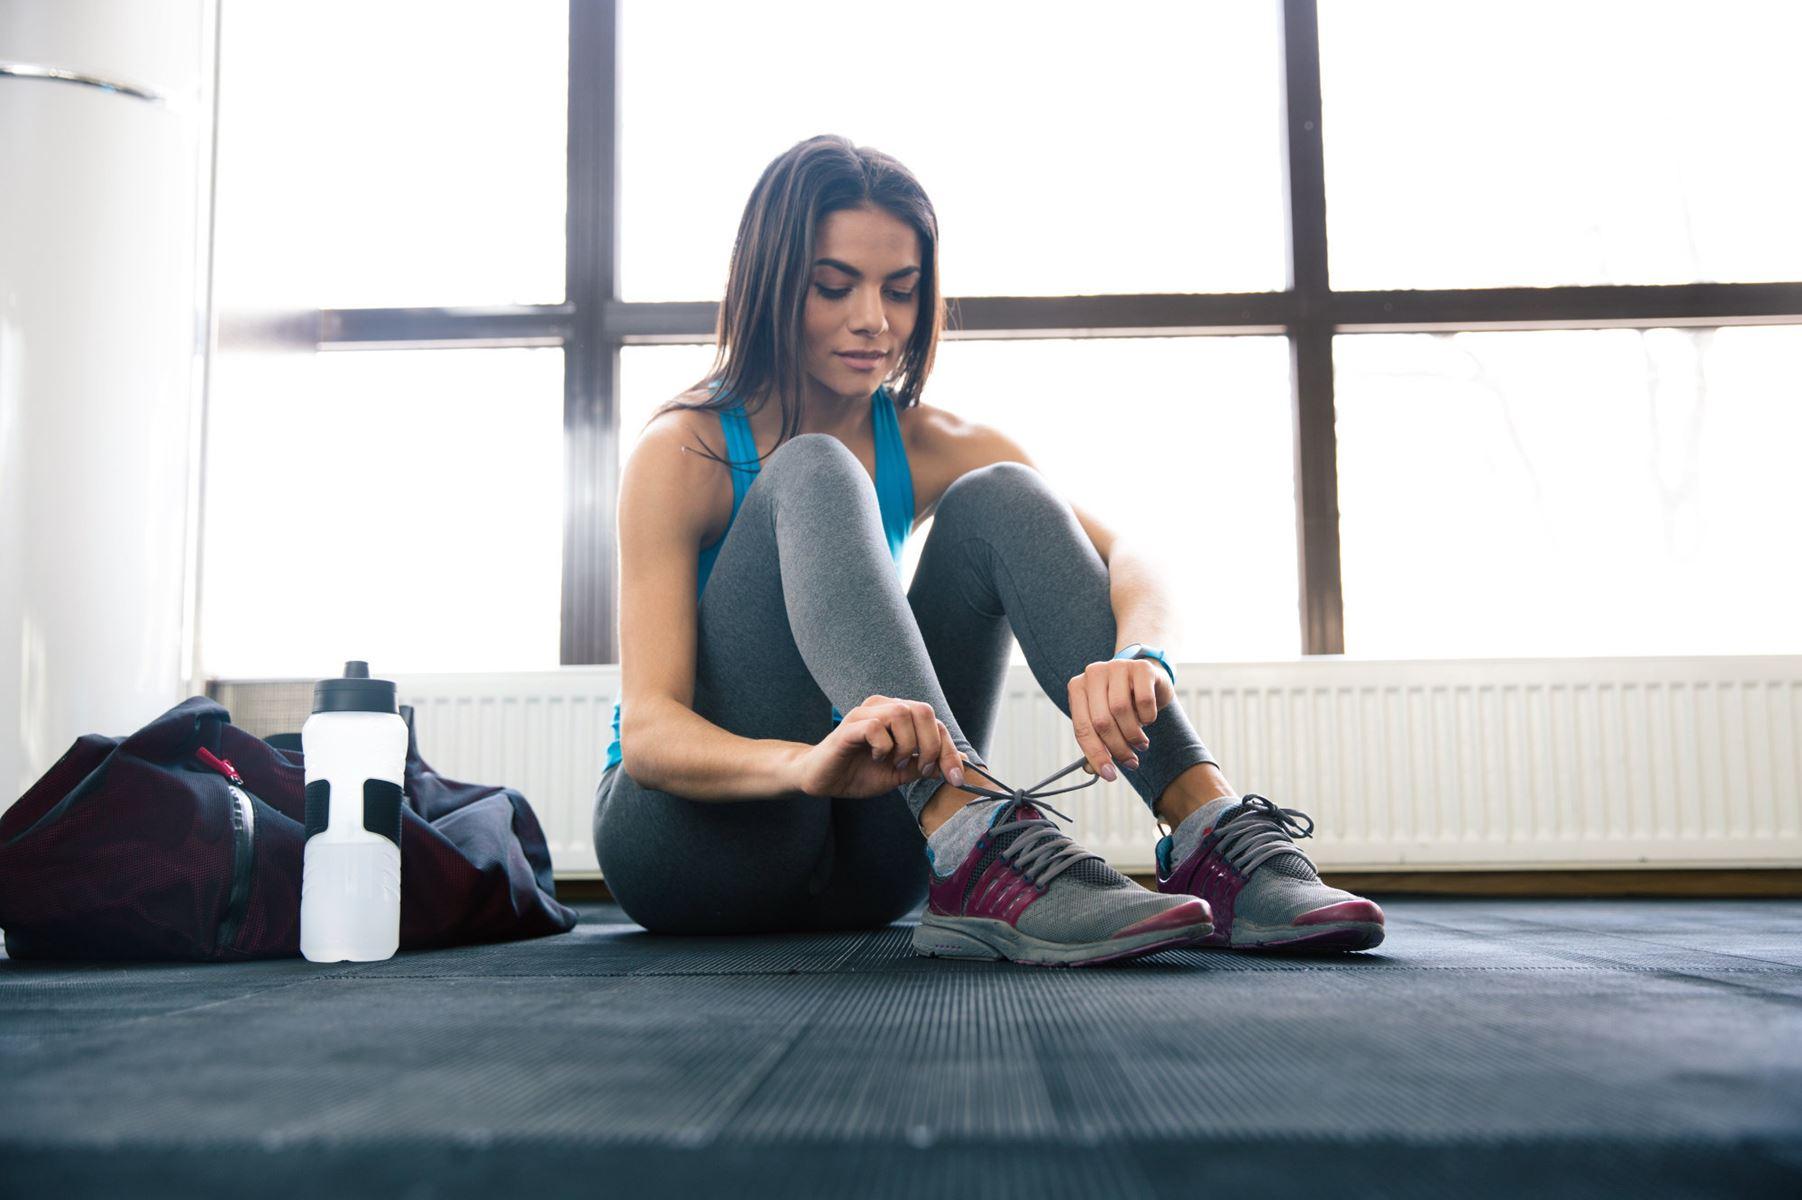 Hvis du timer din træning rigtigt, kan du sagtens undvære snacks i forbindelse med træning, fortæller lektor i human ernæring